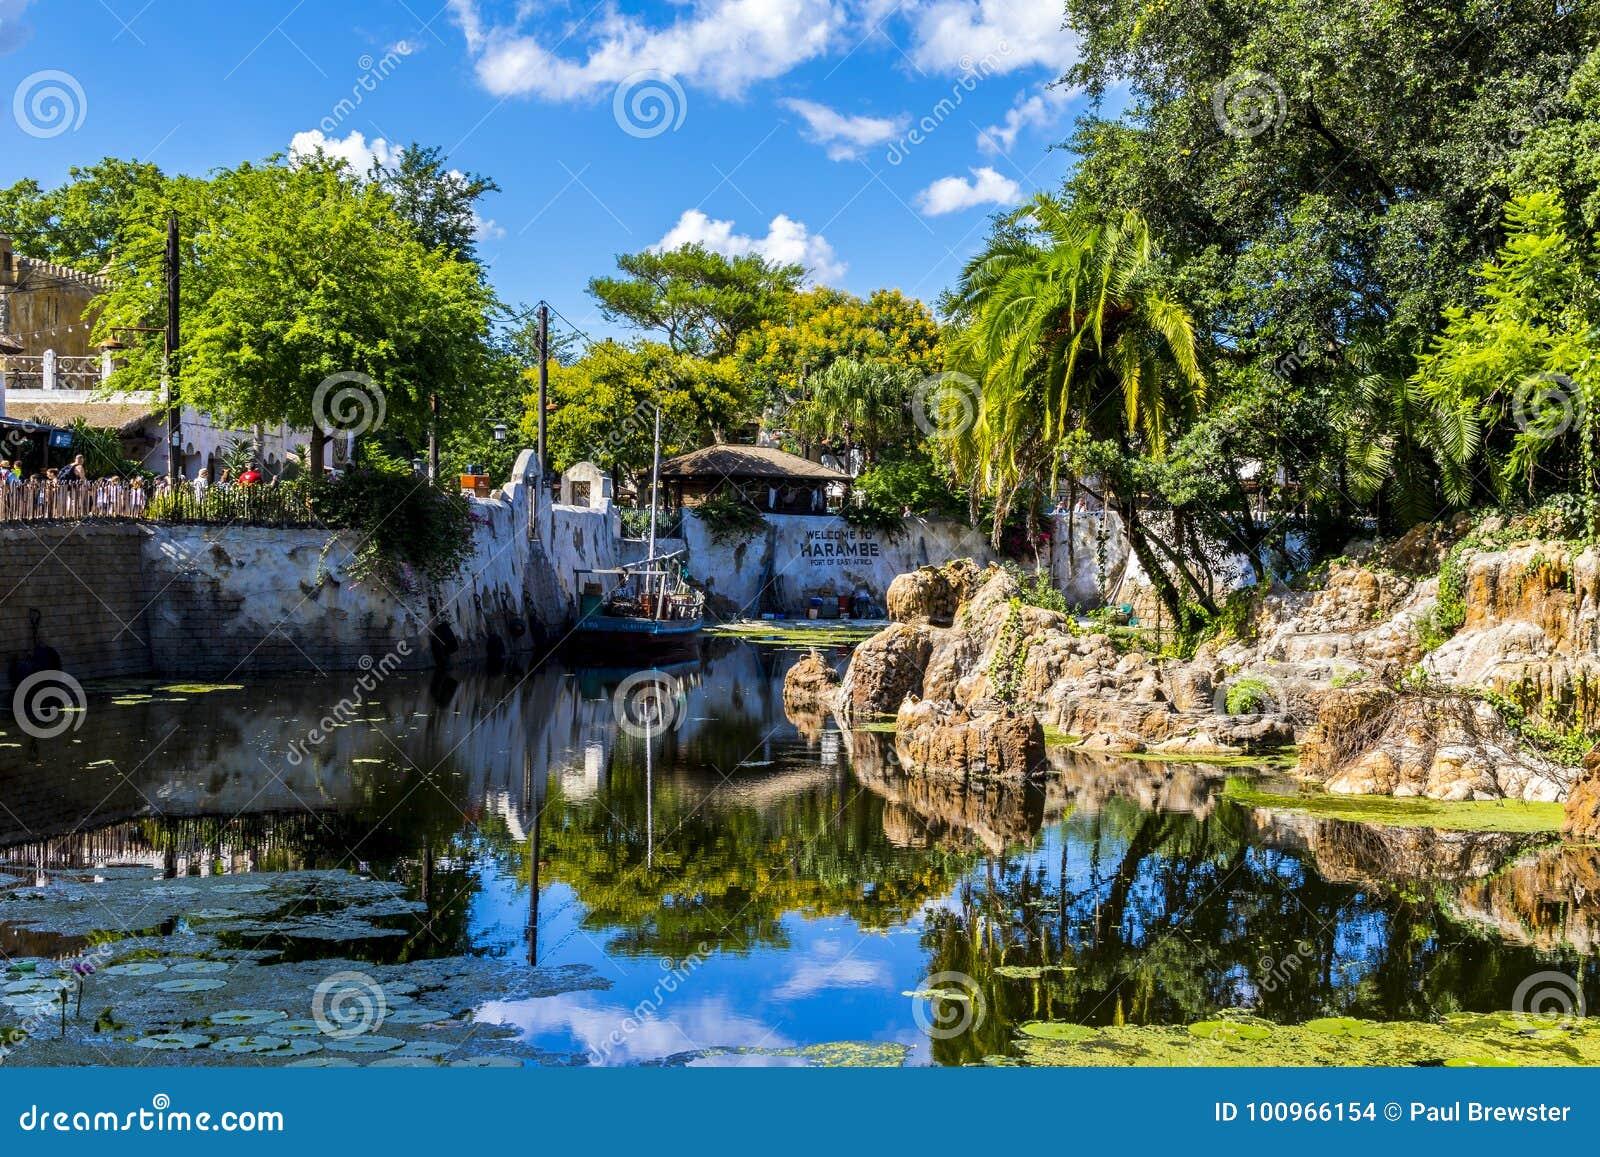 Bateau d Orlando Florida Animal Kingdom du monde de Disney sur l eau en Afrique